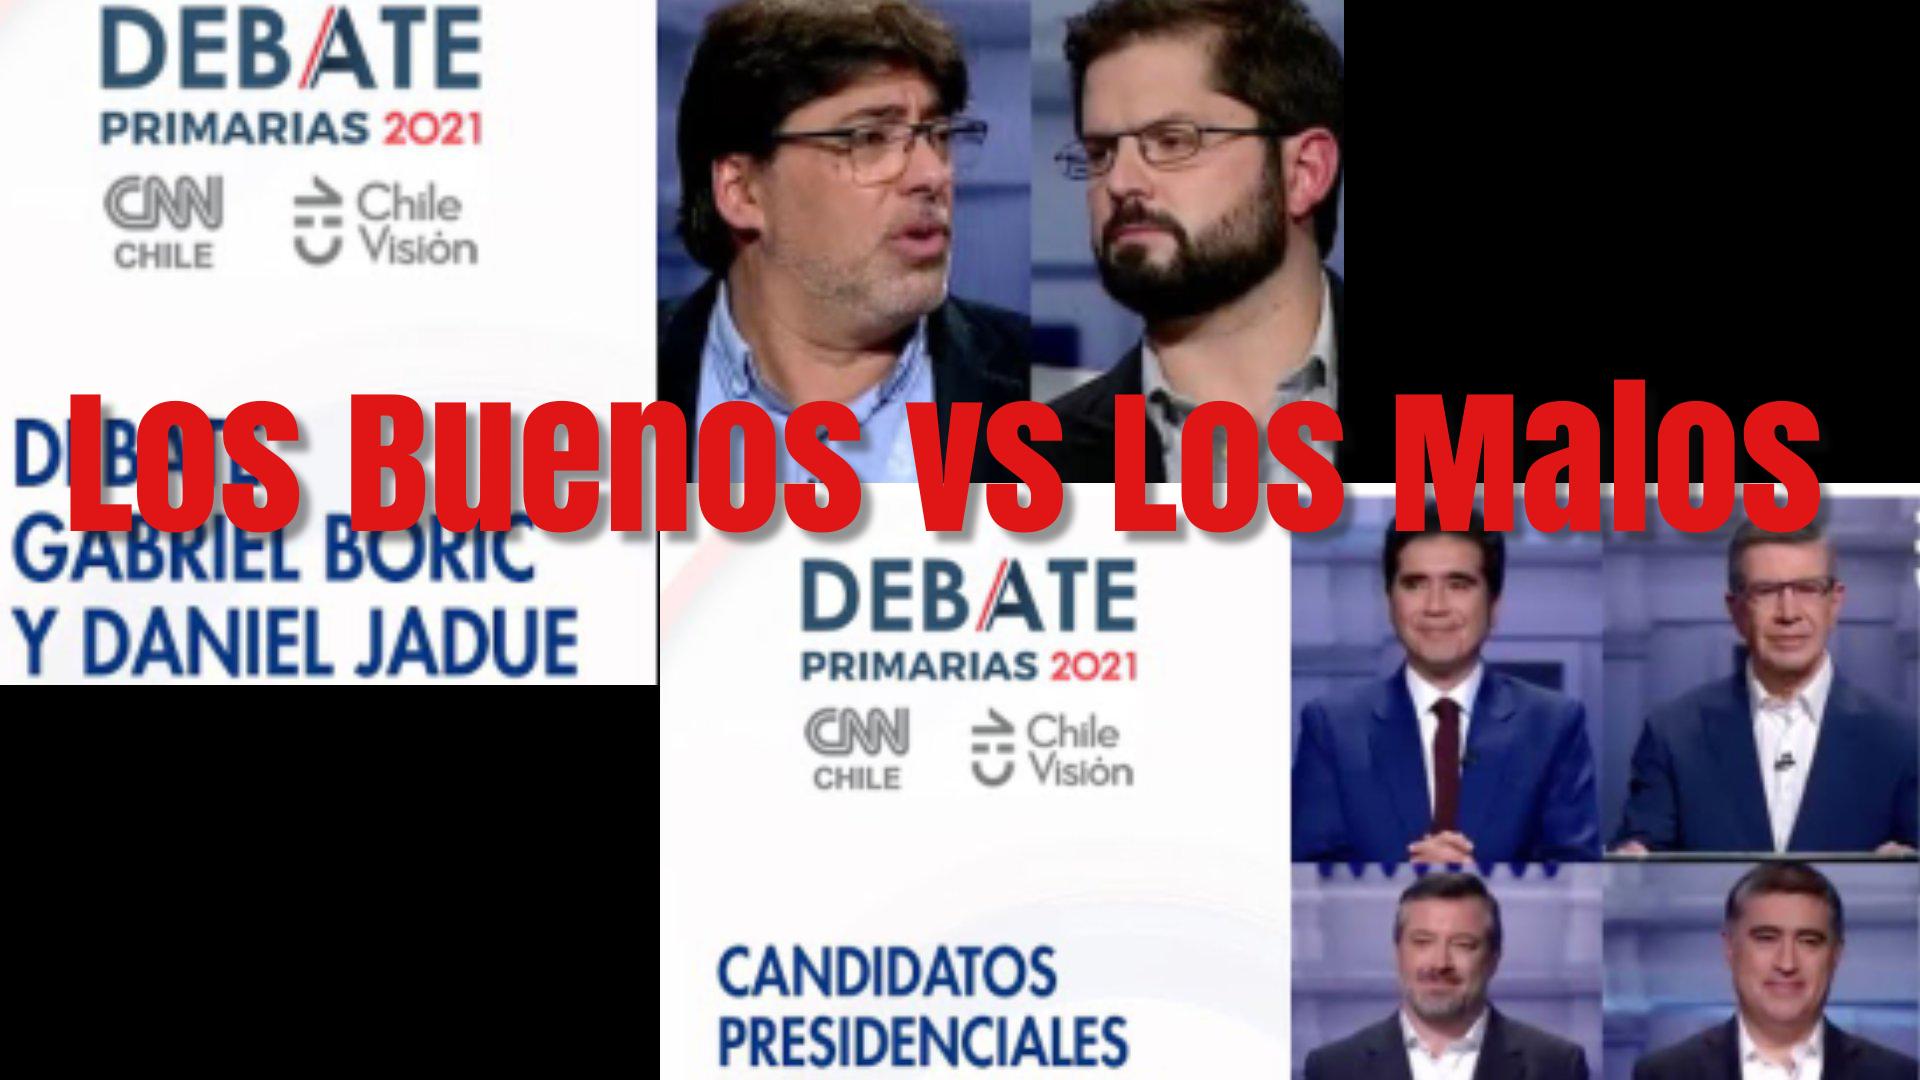 Los Buenos vs Los Malos<br>Lo que deja la última Jornada de Debates en CNN-ChV